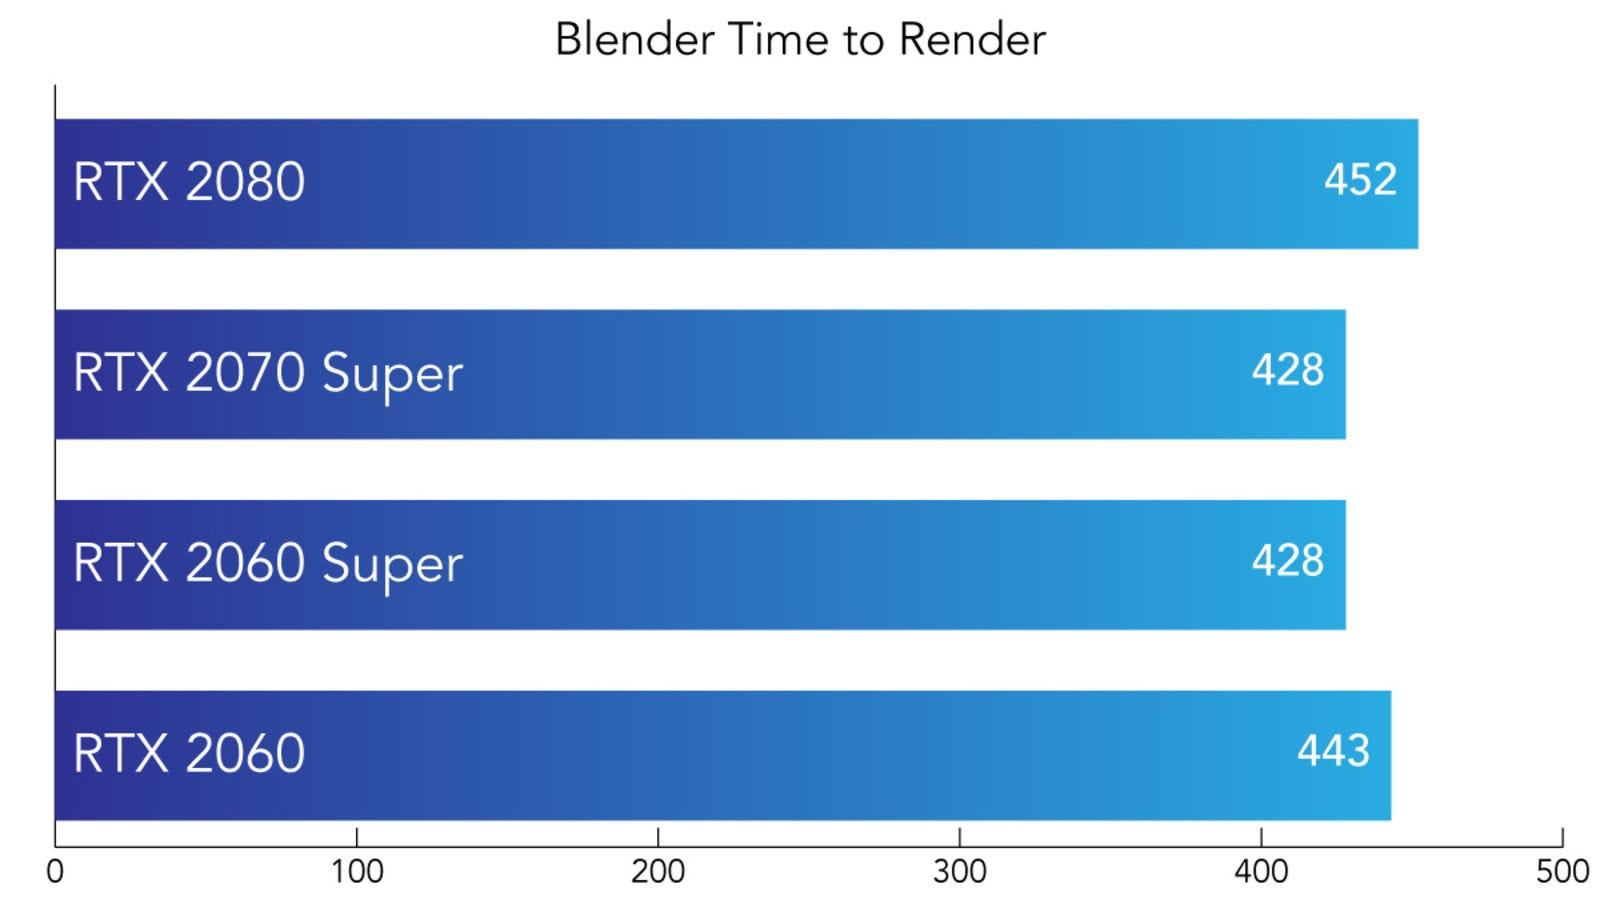 Tiempo, en segundos, para renderizar un archivo en Blender. Más bajo es mejor.